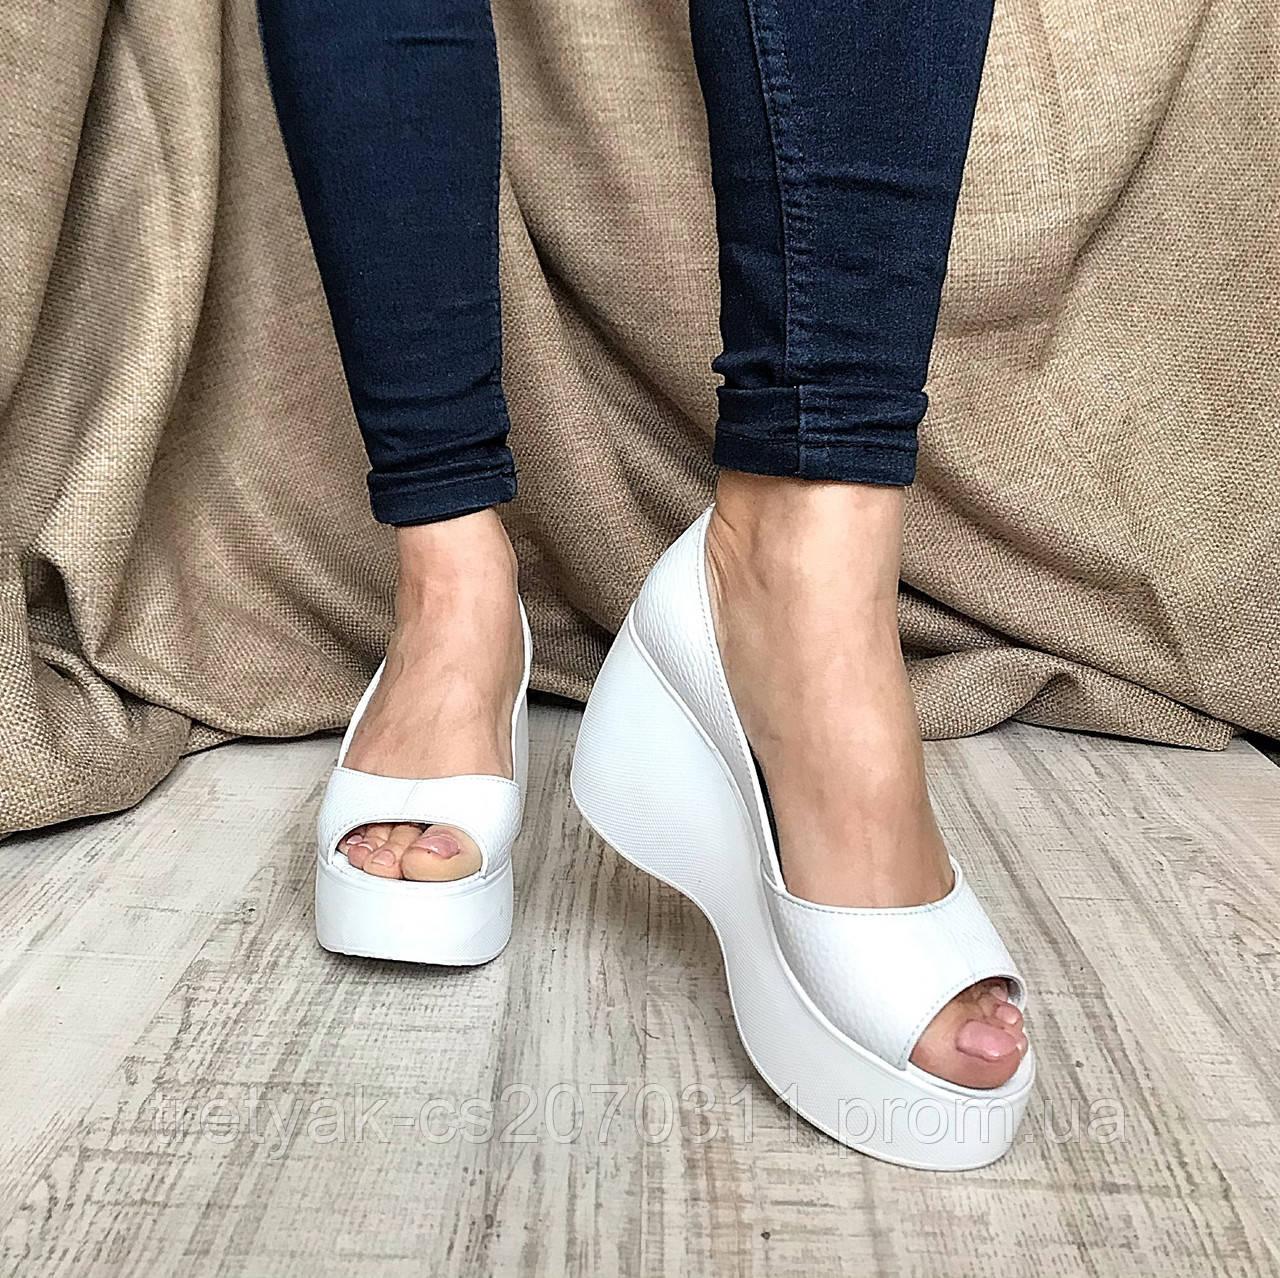 Модные женские туфли на платформе белого цвета с открытым носком - КРОК в  Харькове 096fdf48866b4